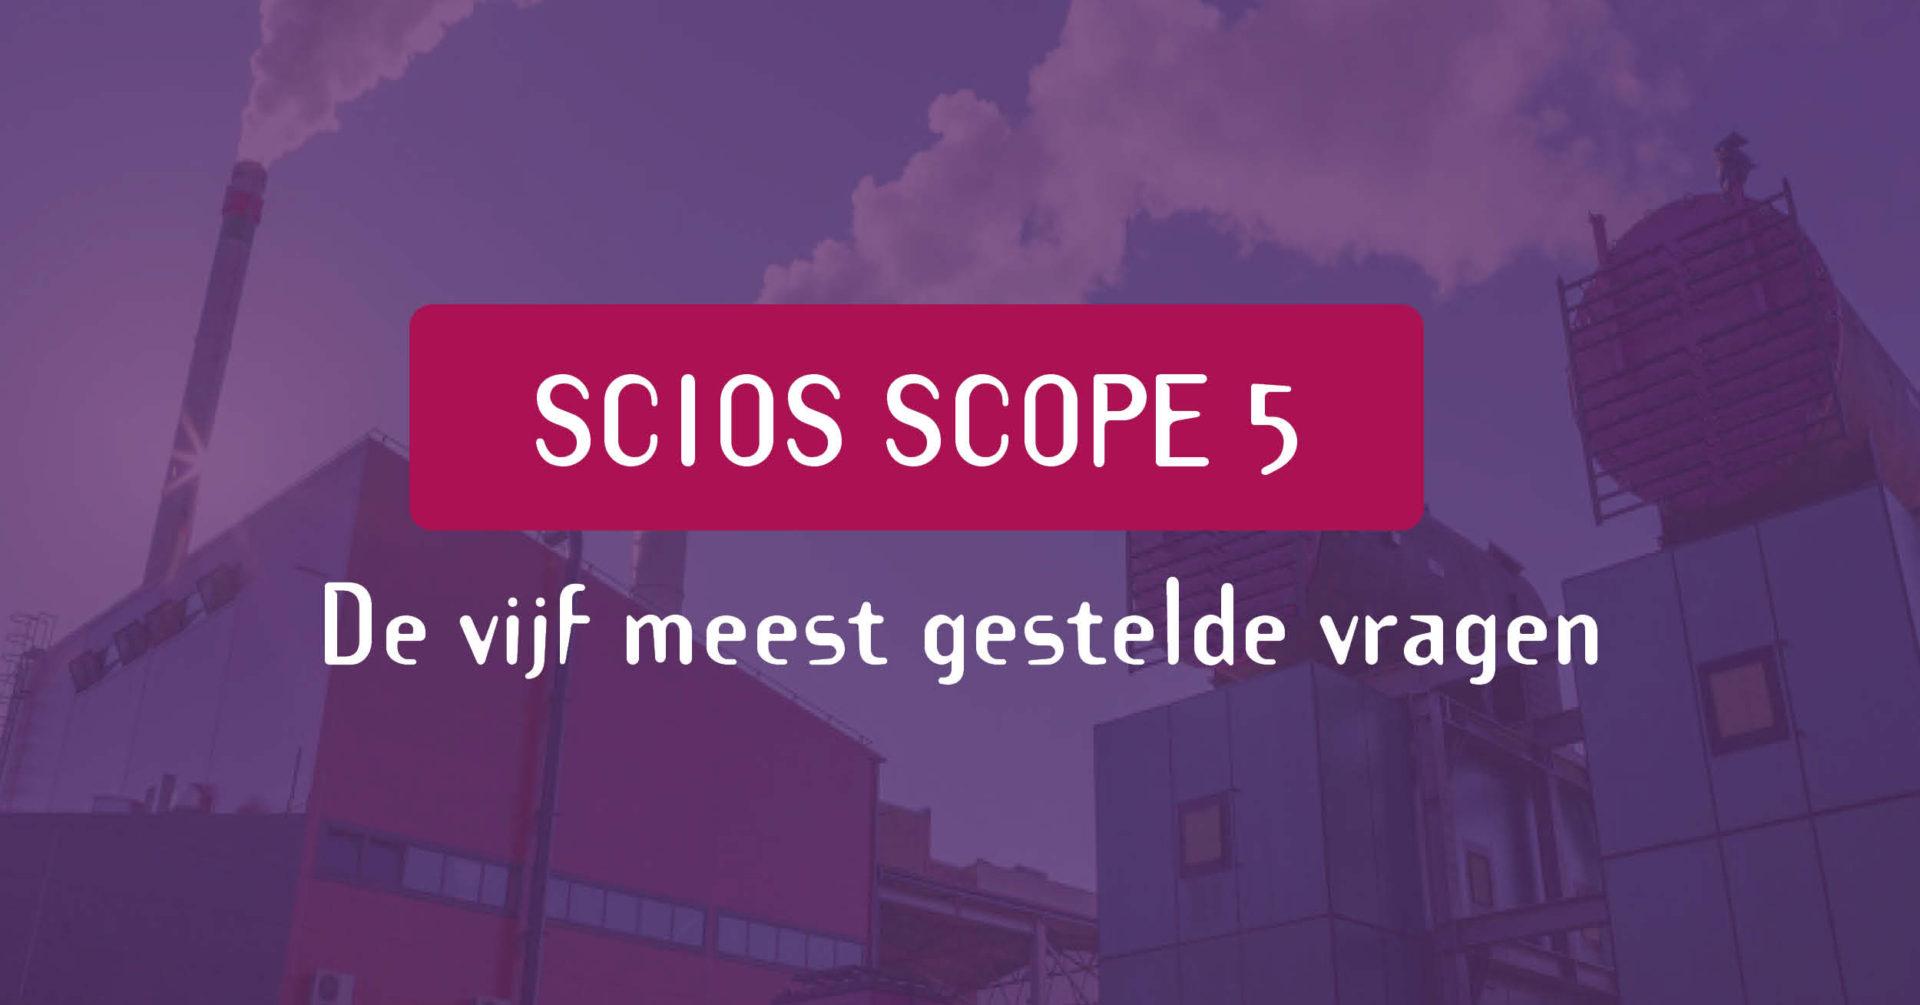 VEOT - scios scope 5 - WK04